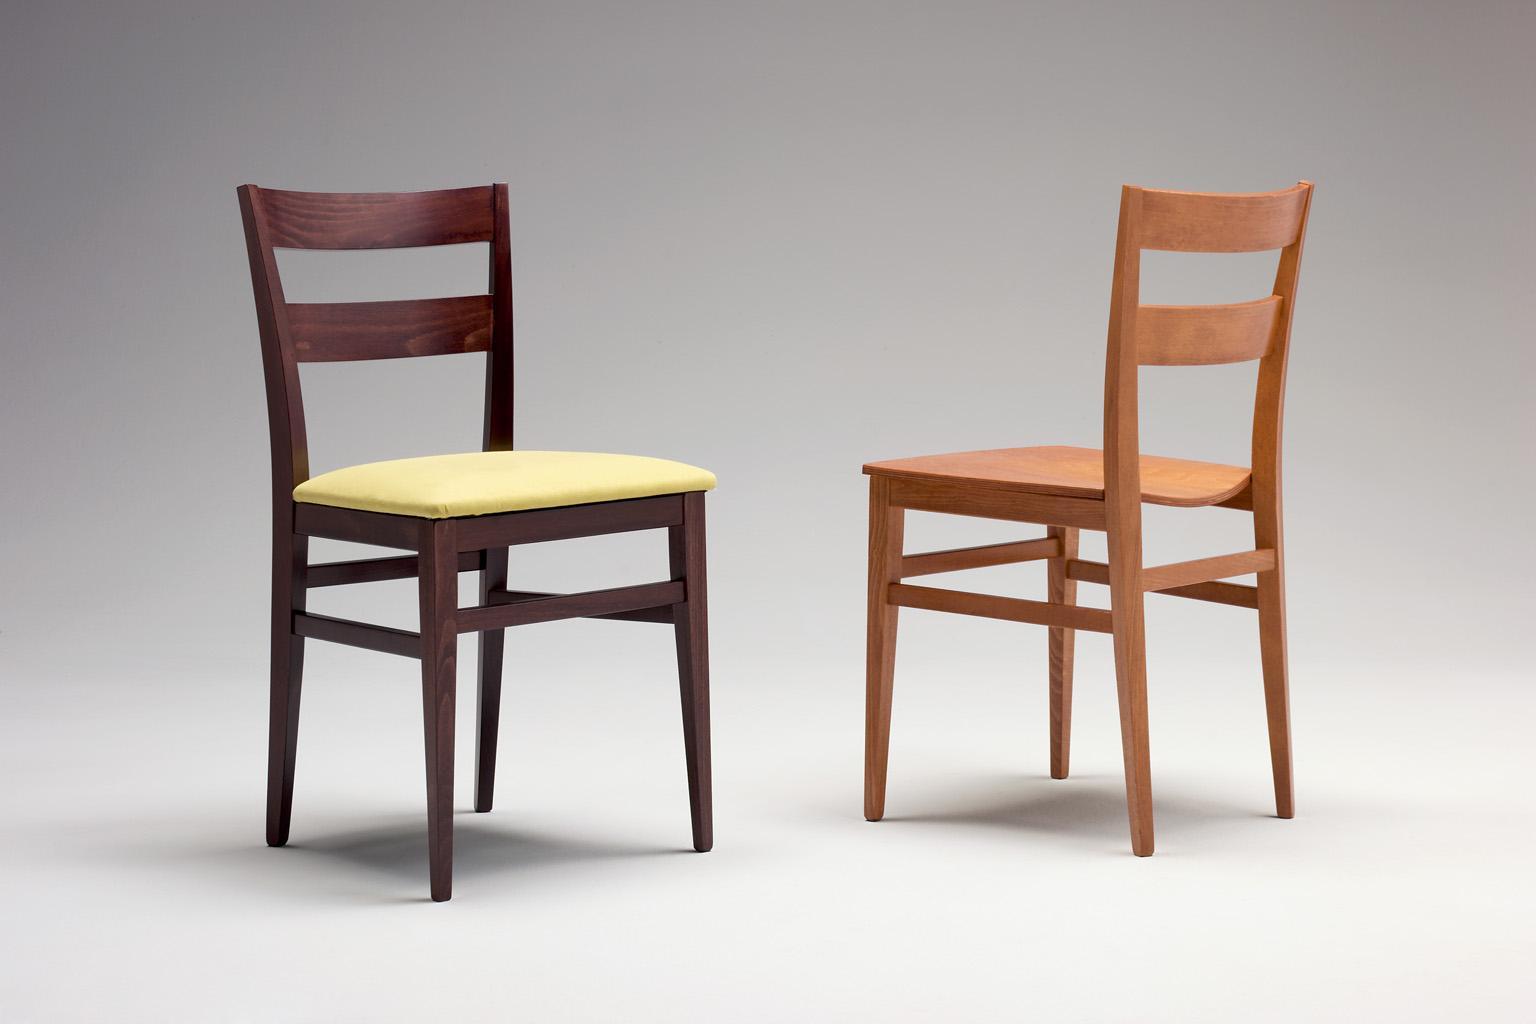 esszimmerst hle zeitgen ssisches 4 0 1000 0 st cke pro. Black Bedroom Furniture Sets. Home Design Ideas